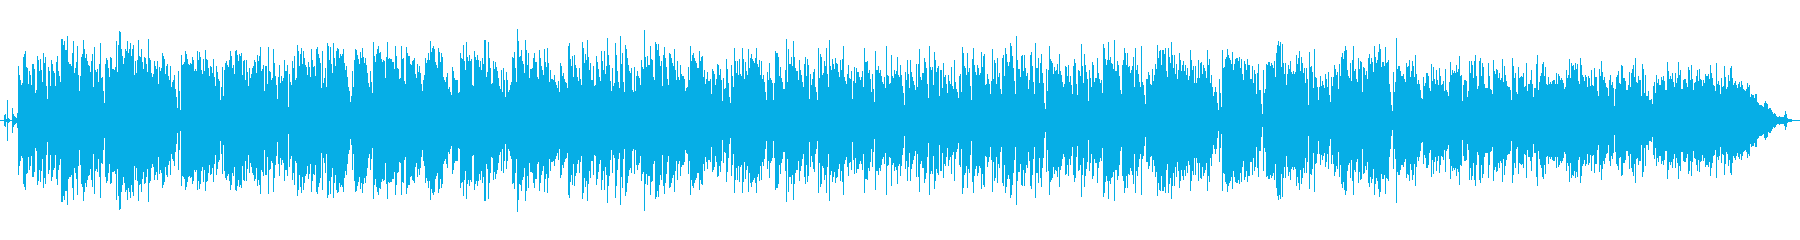 甘くメロディックで落ち着いたジャズの再生済みの波形